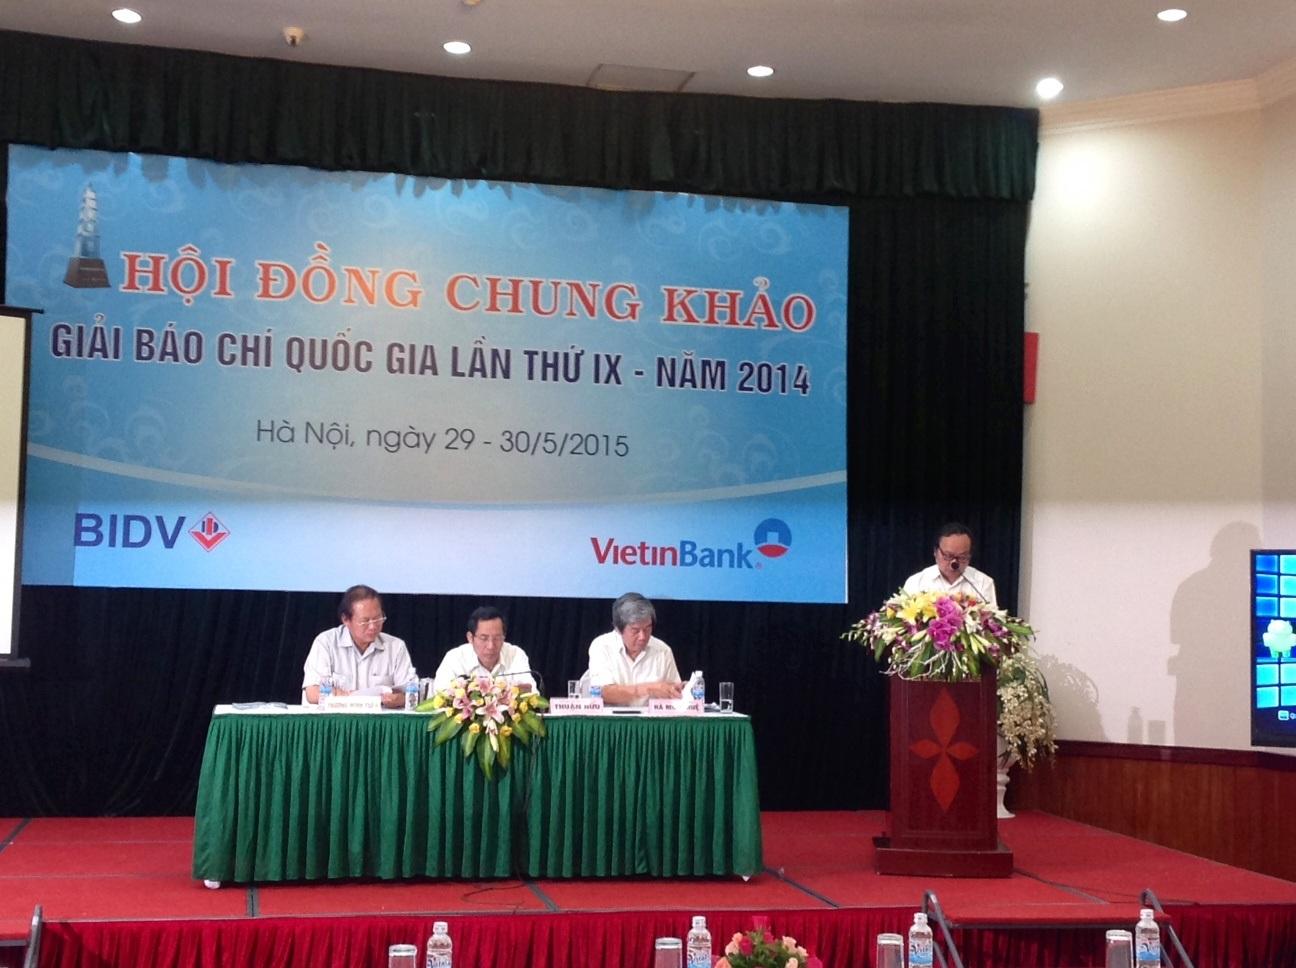 Ông Trần Gia Thái cho biết đã có 1.468 tác phẩm báo chí gửi dự giải.